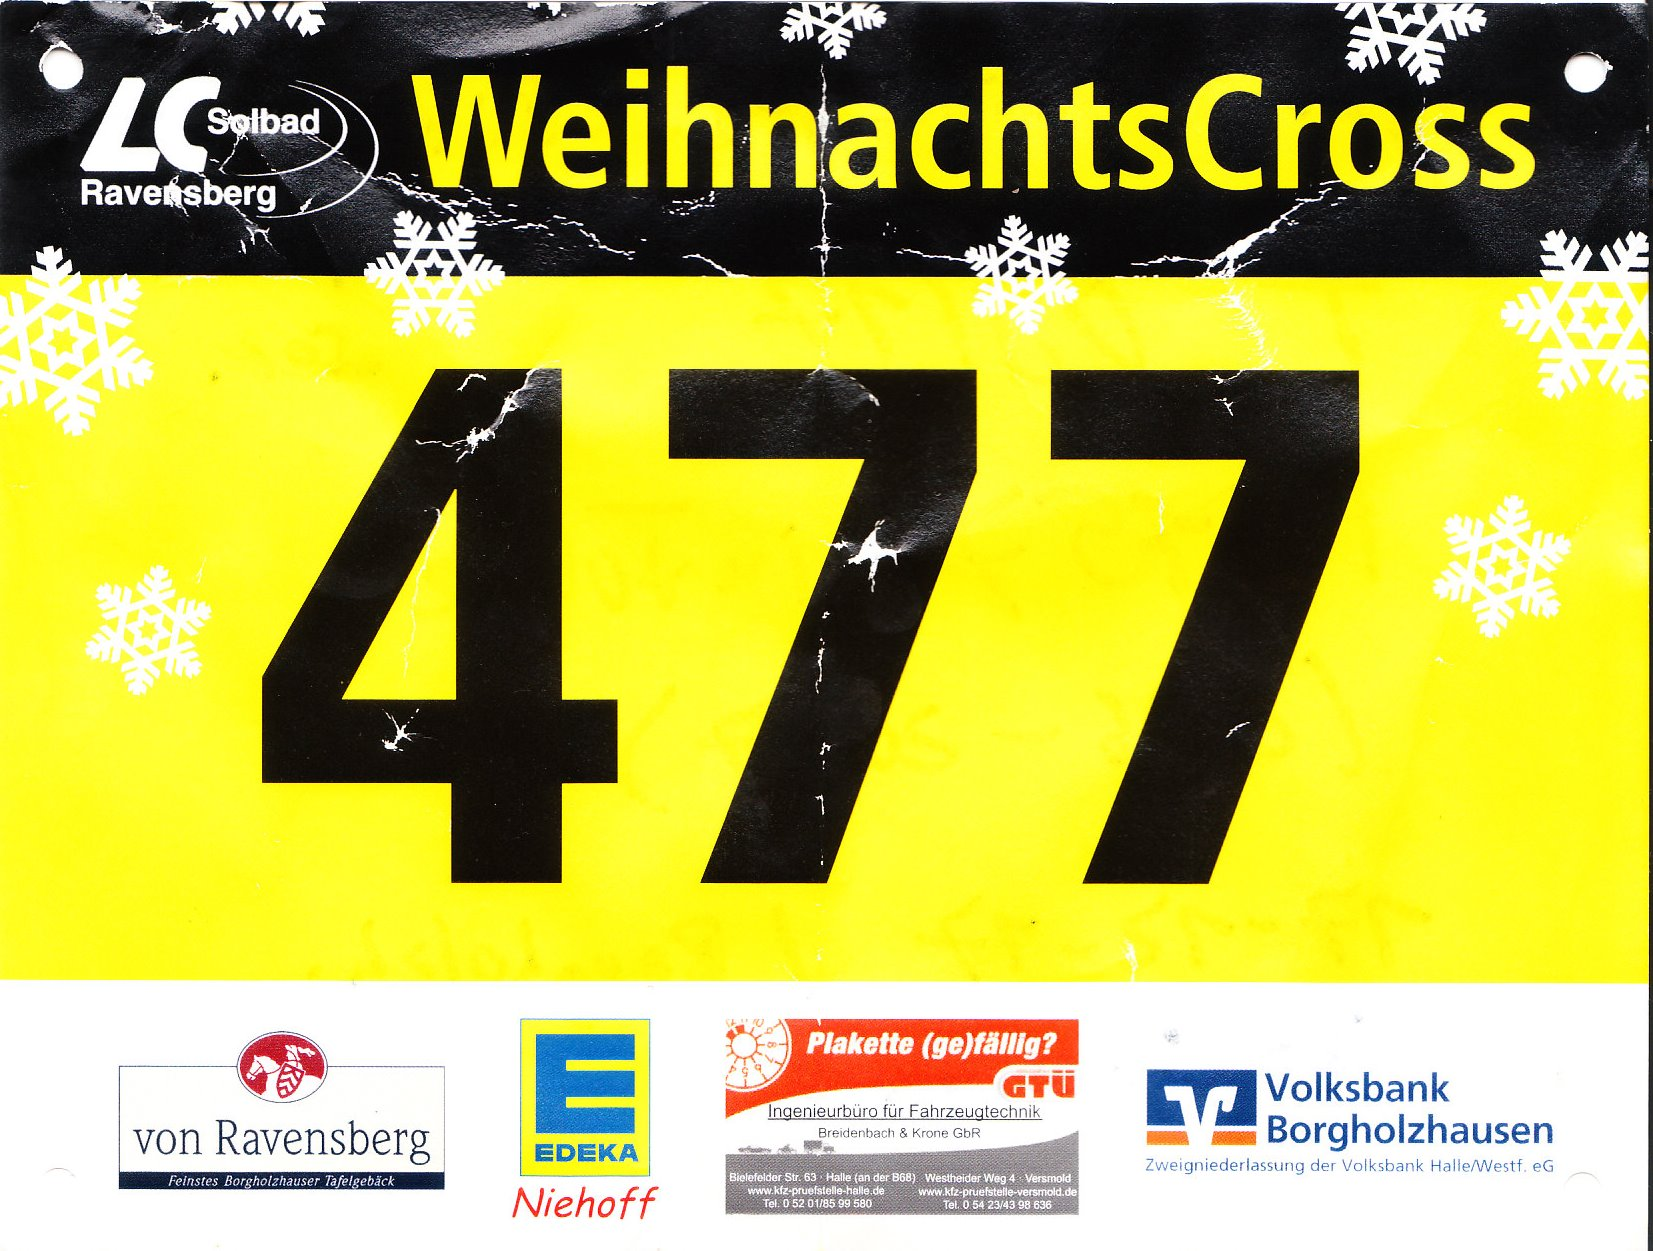 Weihnachtscrosslauf 2017 - Startnr.